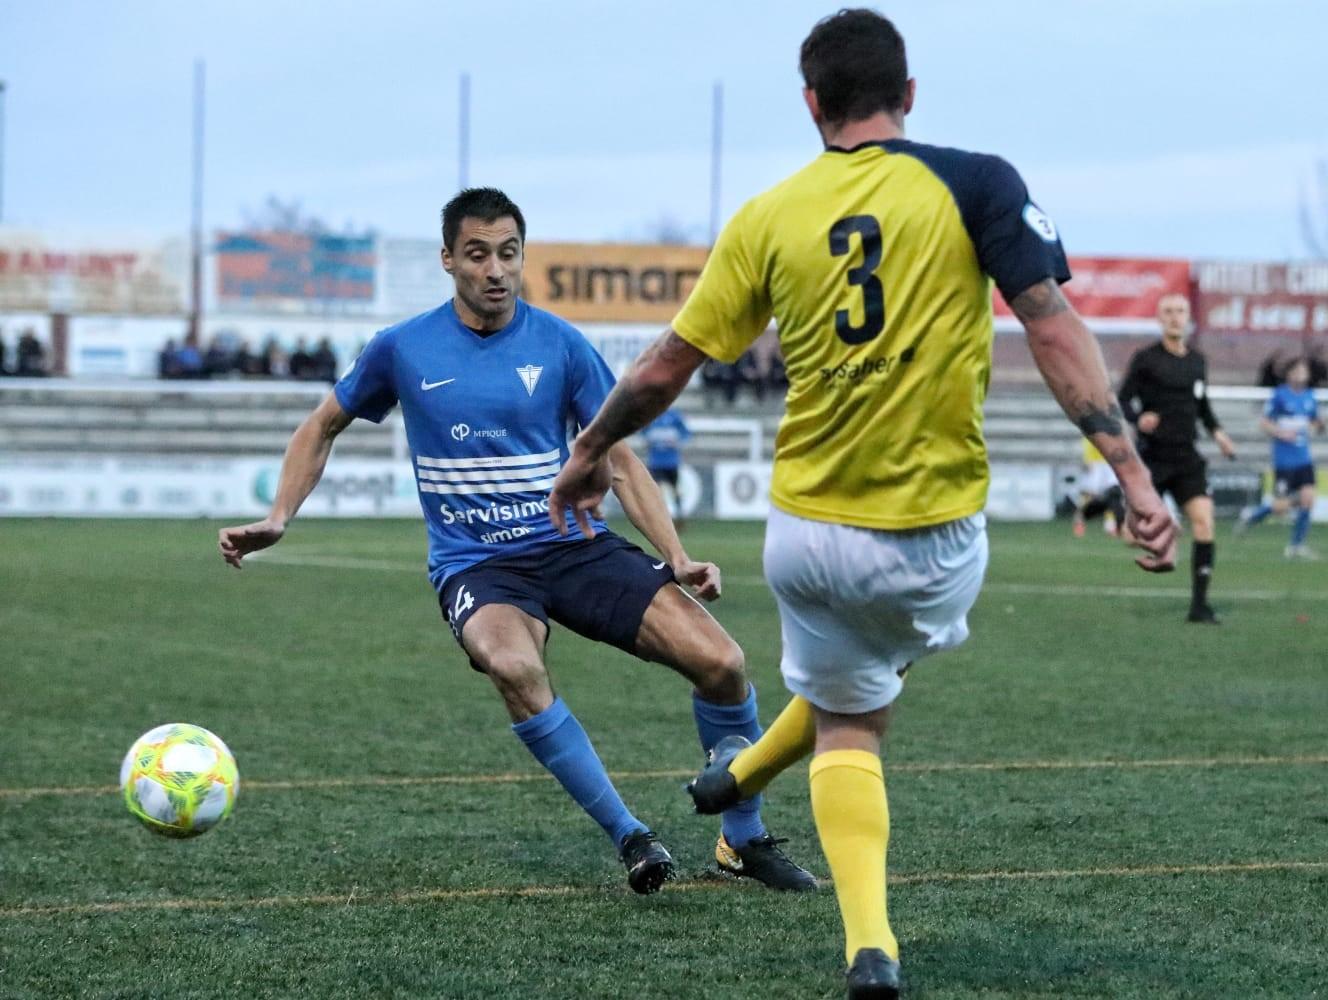 CF IGUALADA 0–3 UE CASTELLDEFELS